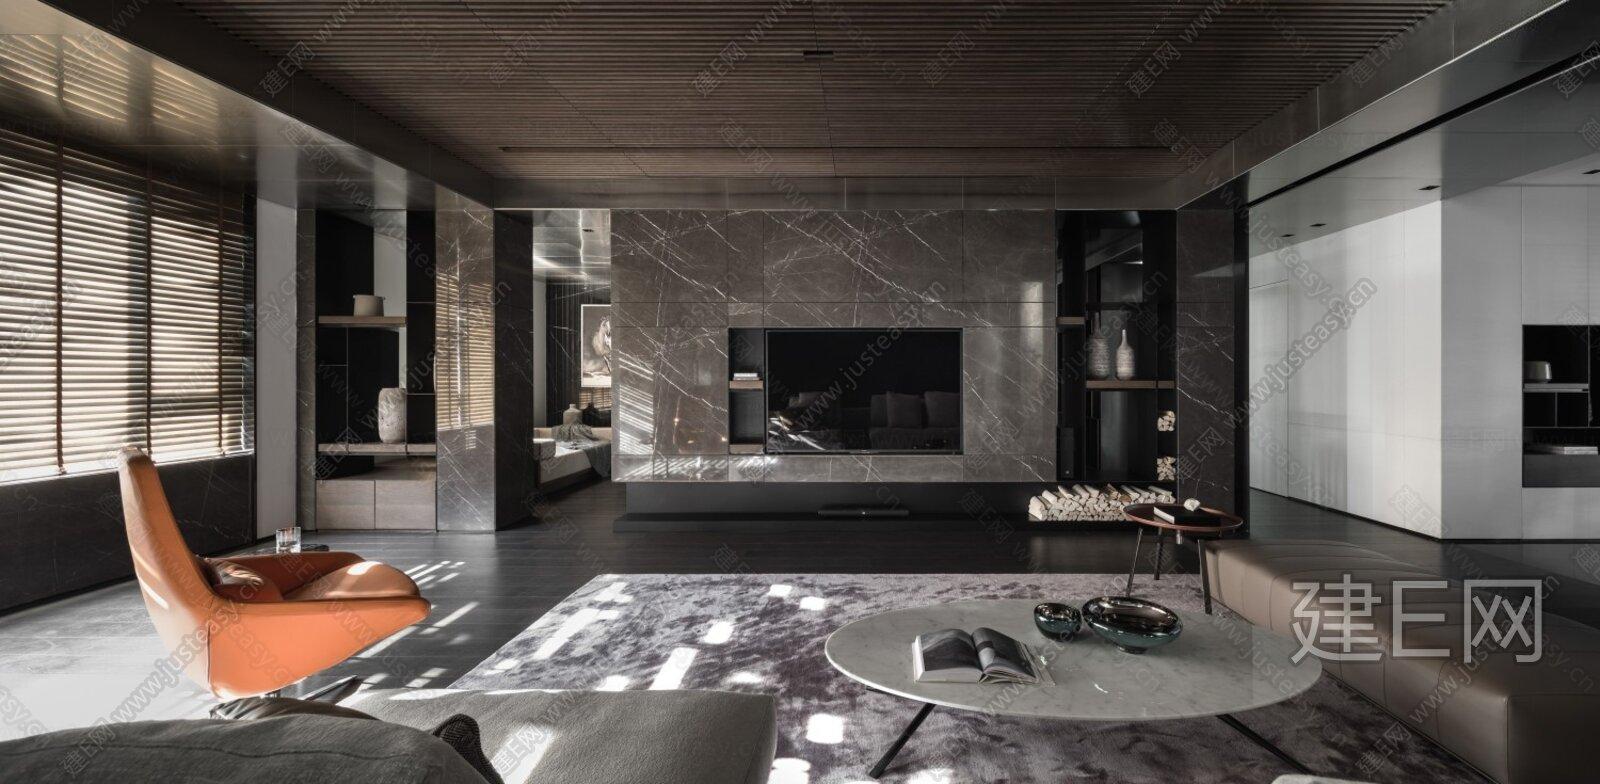 【唐忠汉】沈阳540㎡顶奢复式私人豪宅|CAD施工图+效果图+视频解析